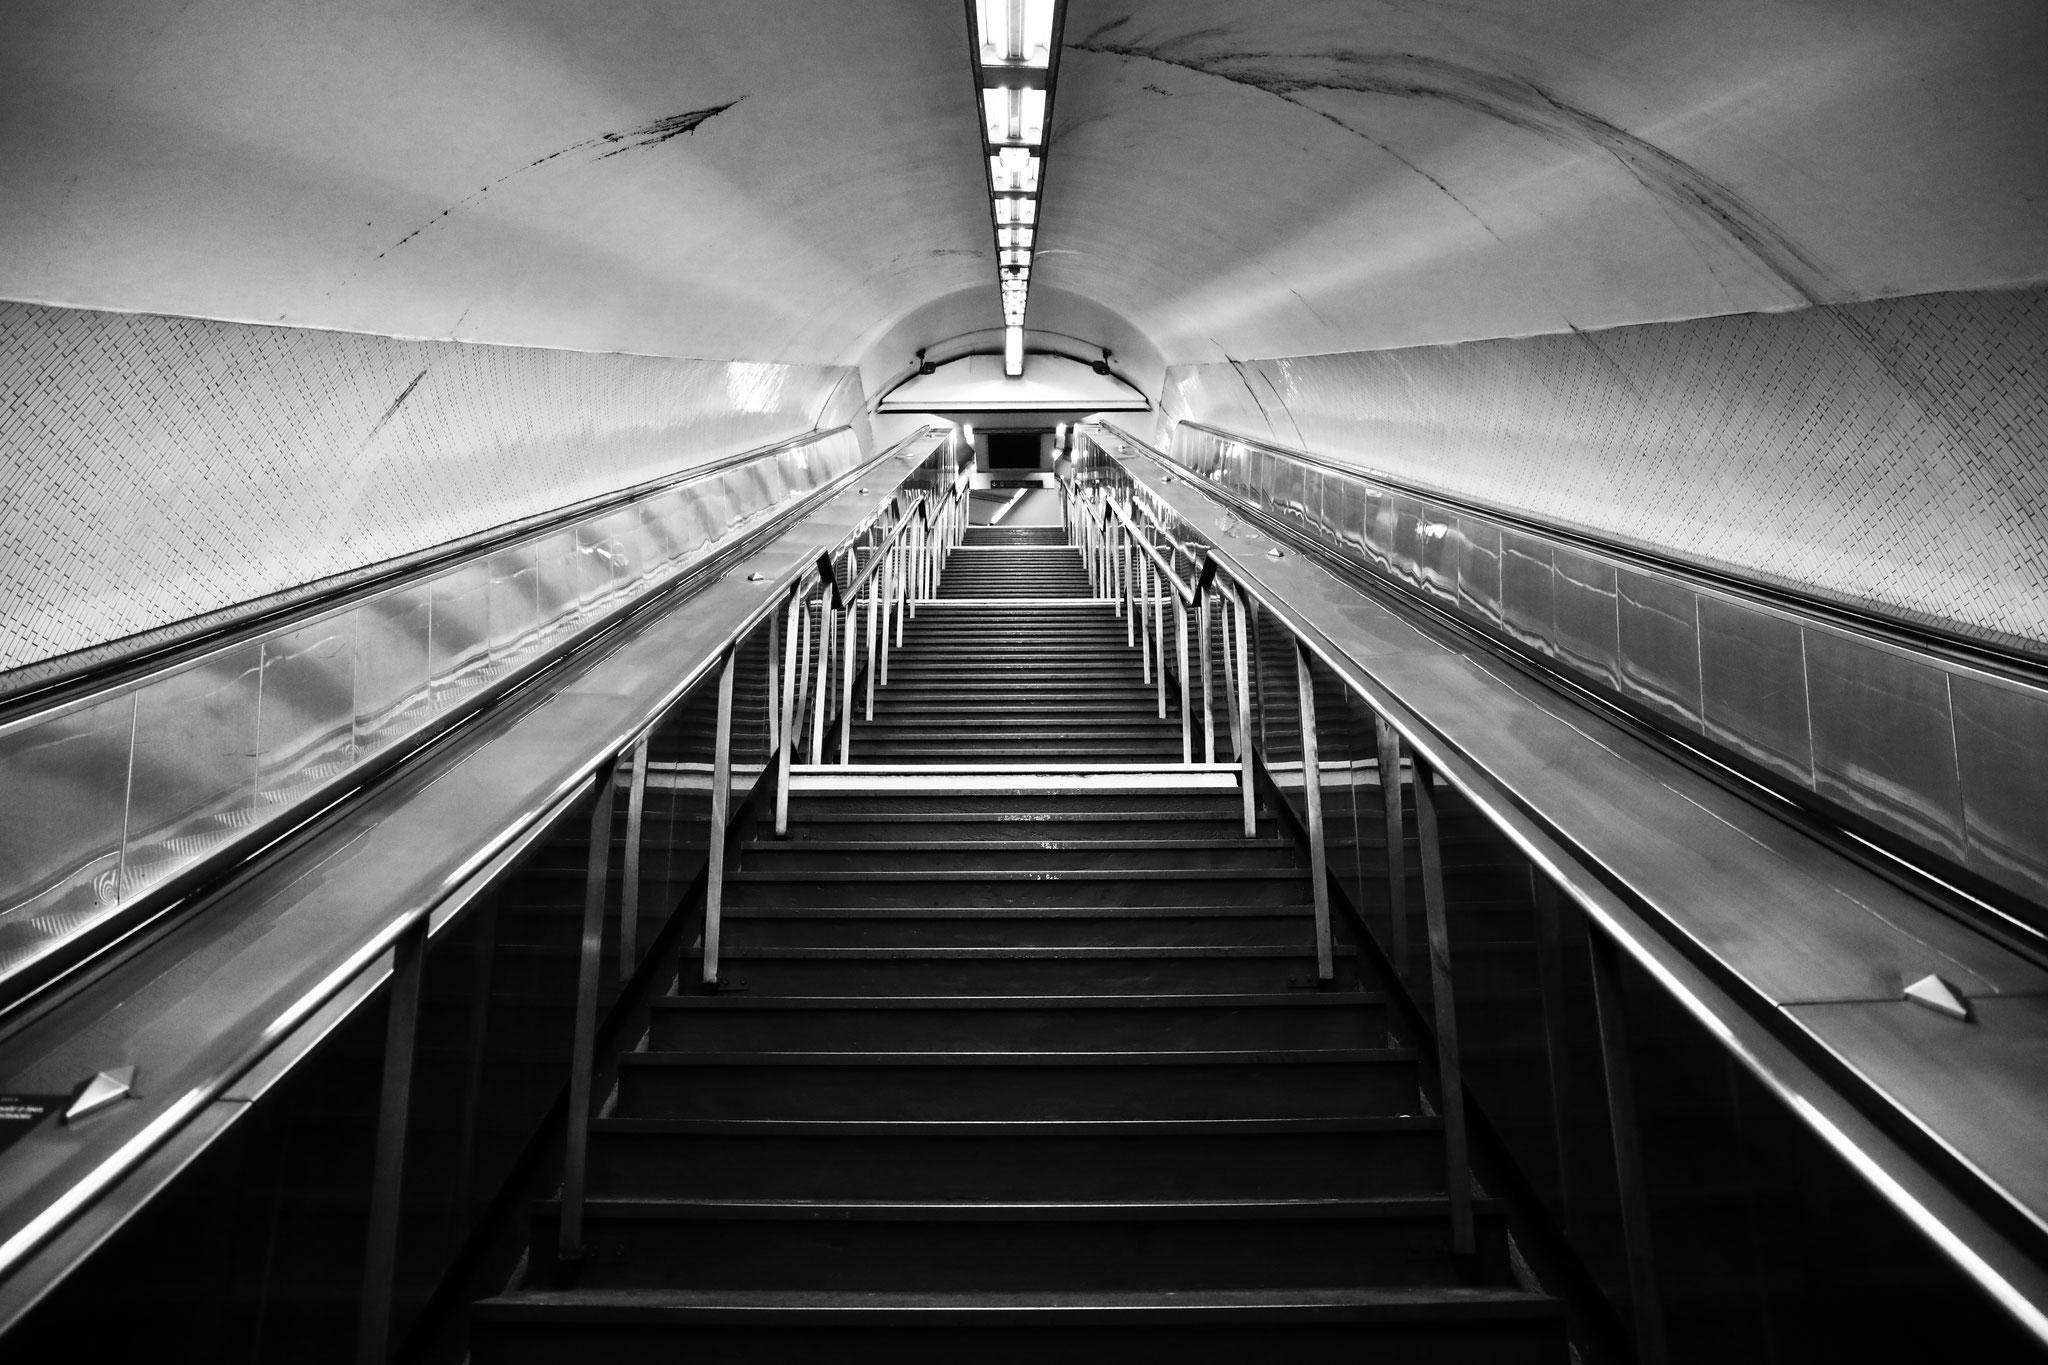 """""""Stepscape"""" -  Station Saint-Michel Notre-Dame, Paris (2021). Canon 5D Mark IV + 24-105mm. ©Clémence Rougetet"""